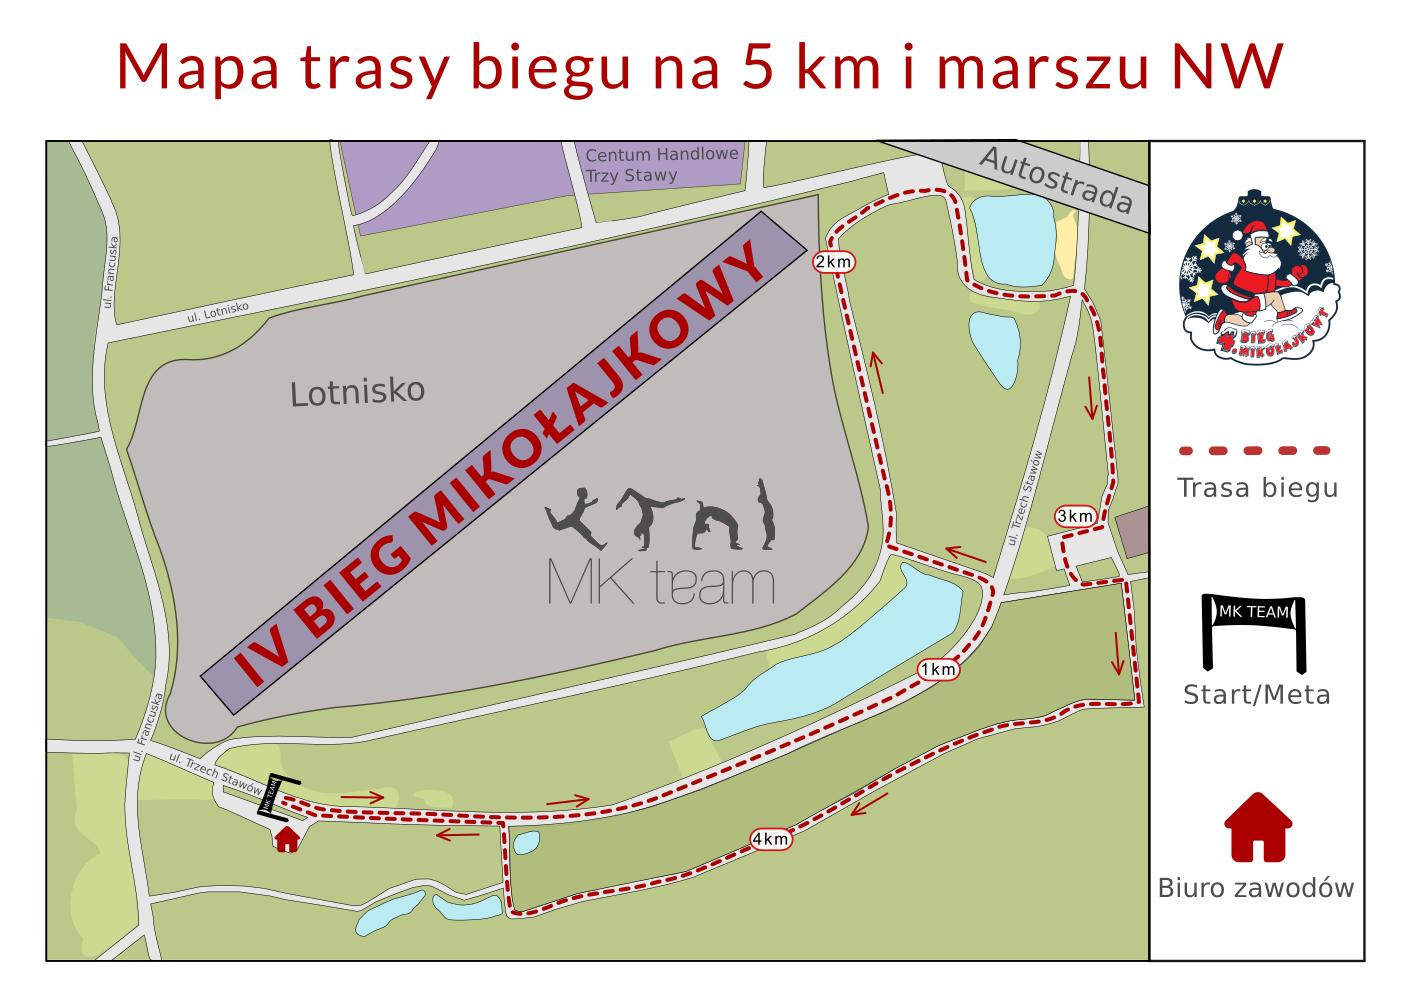 Trasa biegu na 5 km i NW